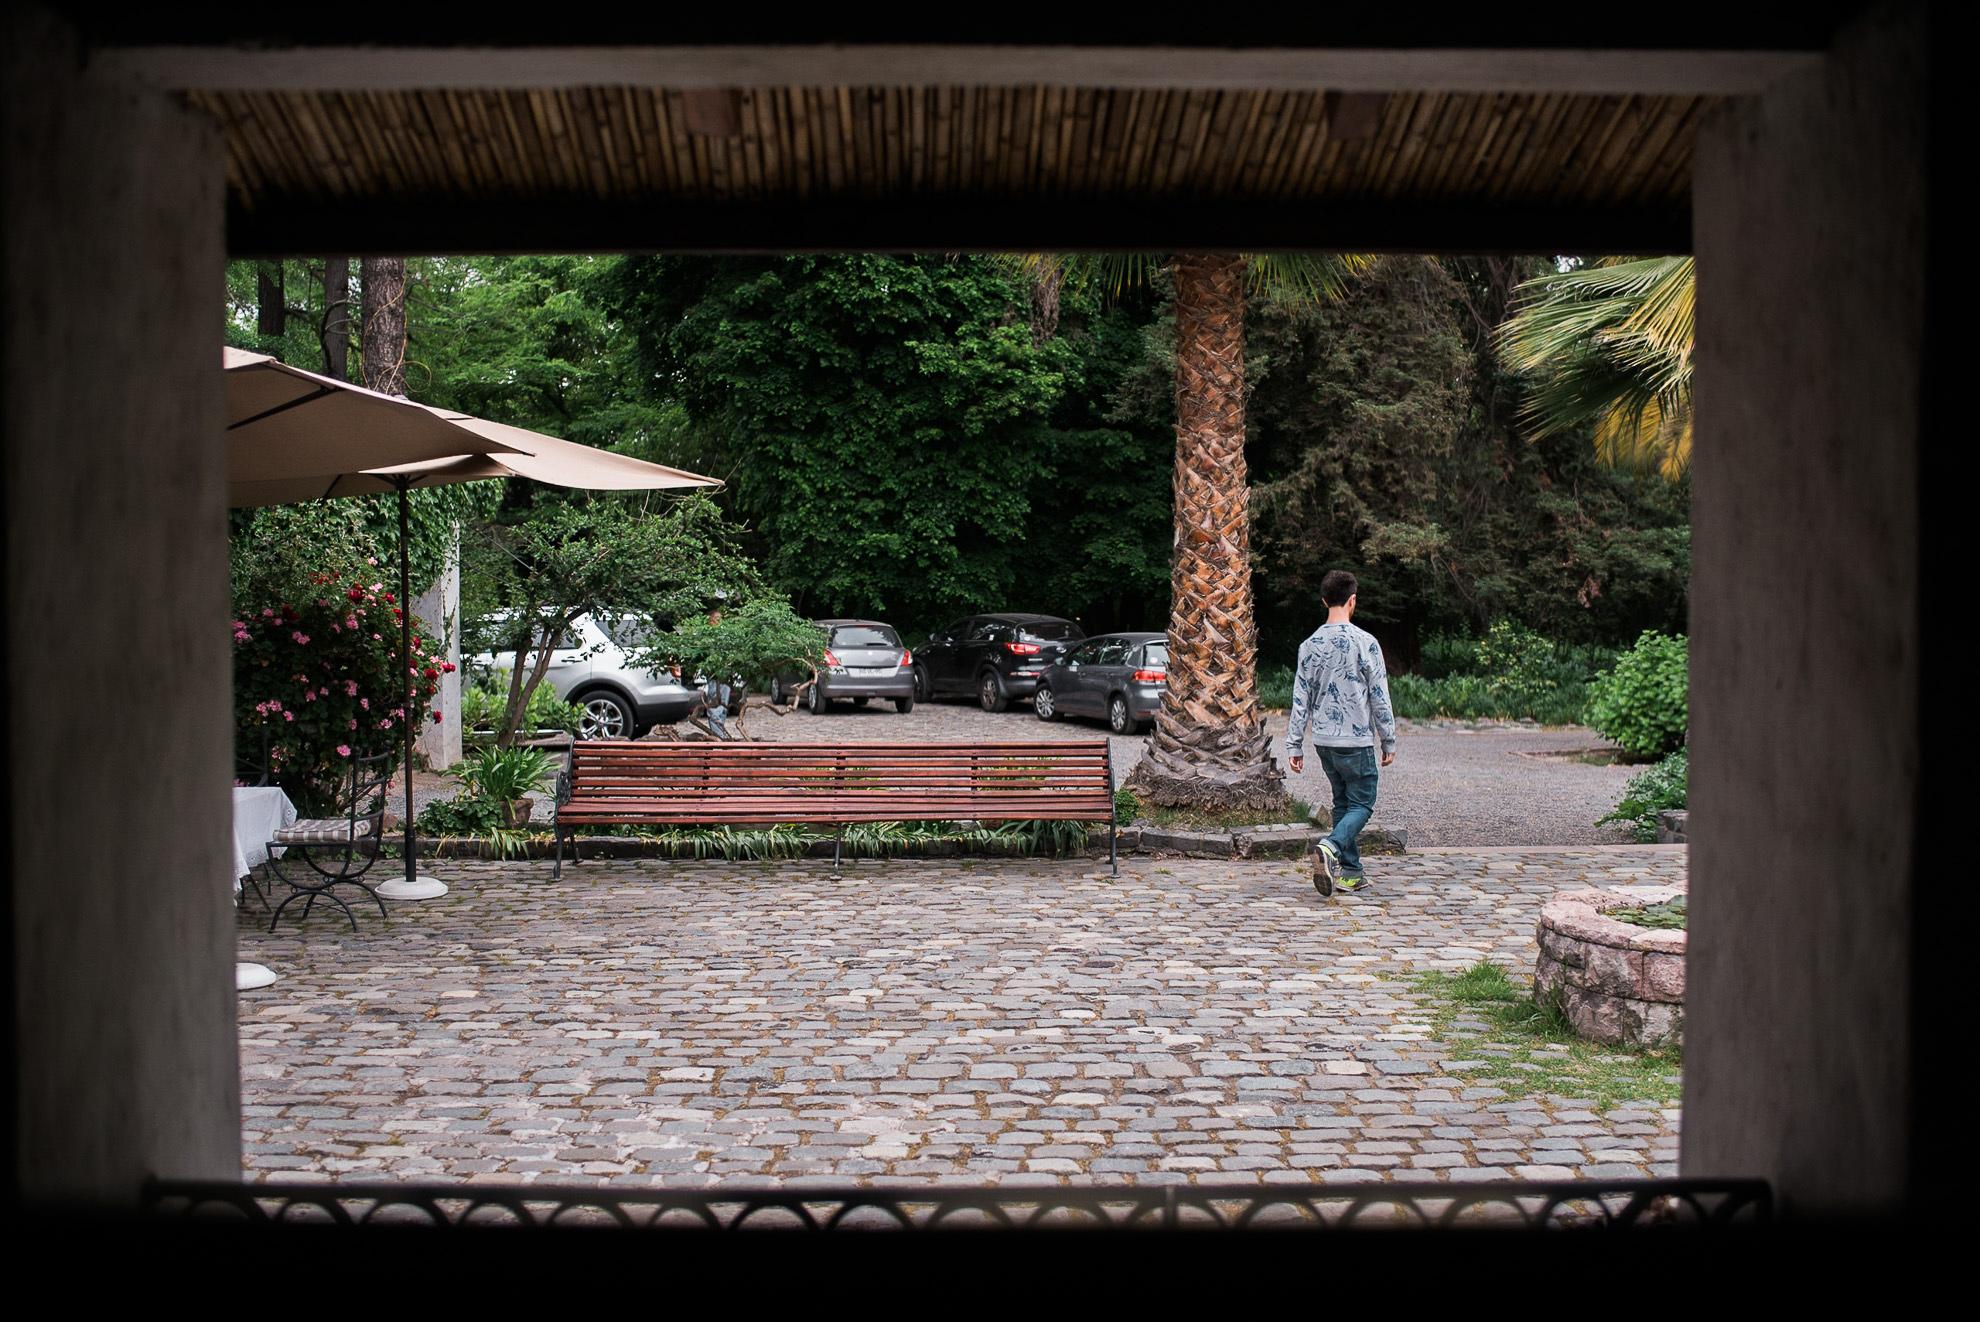 002_matrimonio casa parque nos.jpg